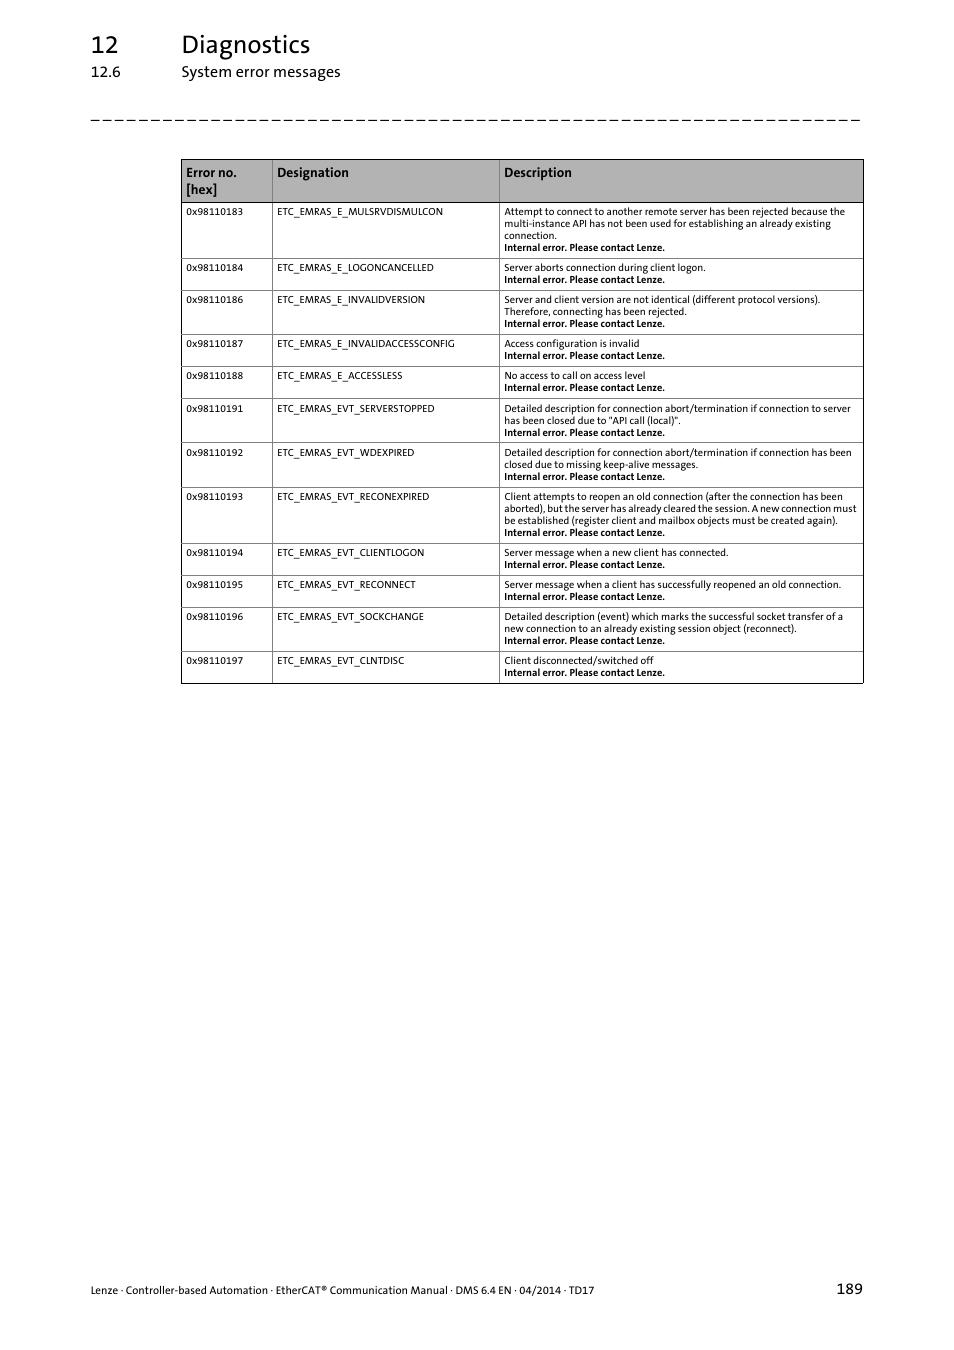 12 diagnostics, 6 system error messages | Lenze EtherCAT